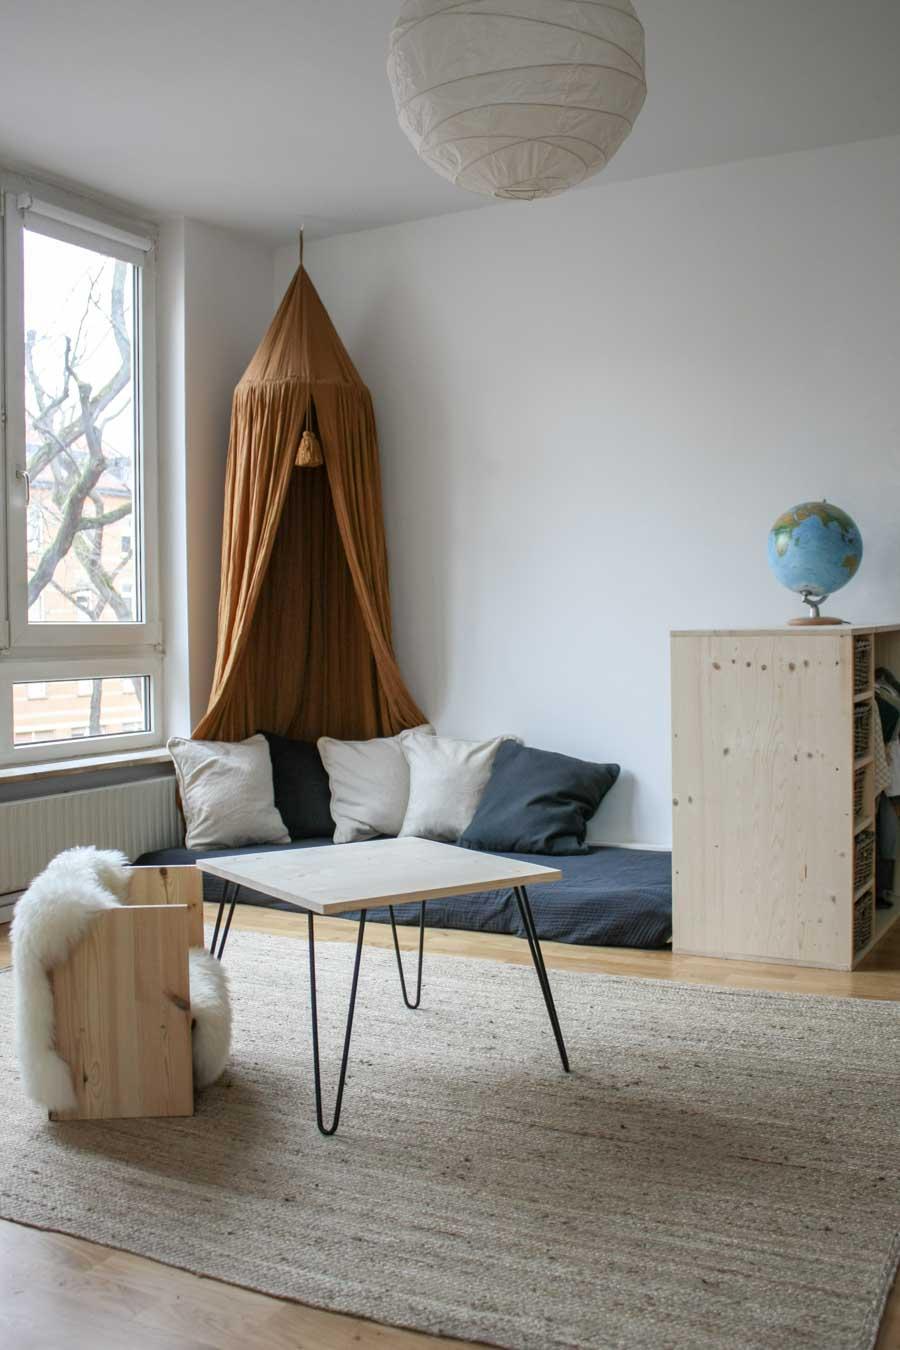 Montessori Möbel DIY: Wir zeigen wir ihr selber Möbel machen könnt #holz #wenigplatz #diyidee #möbel #tutorial